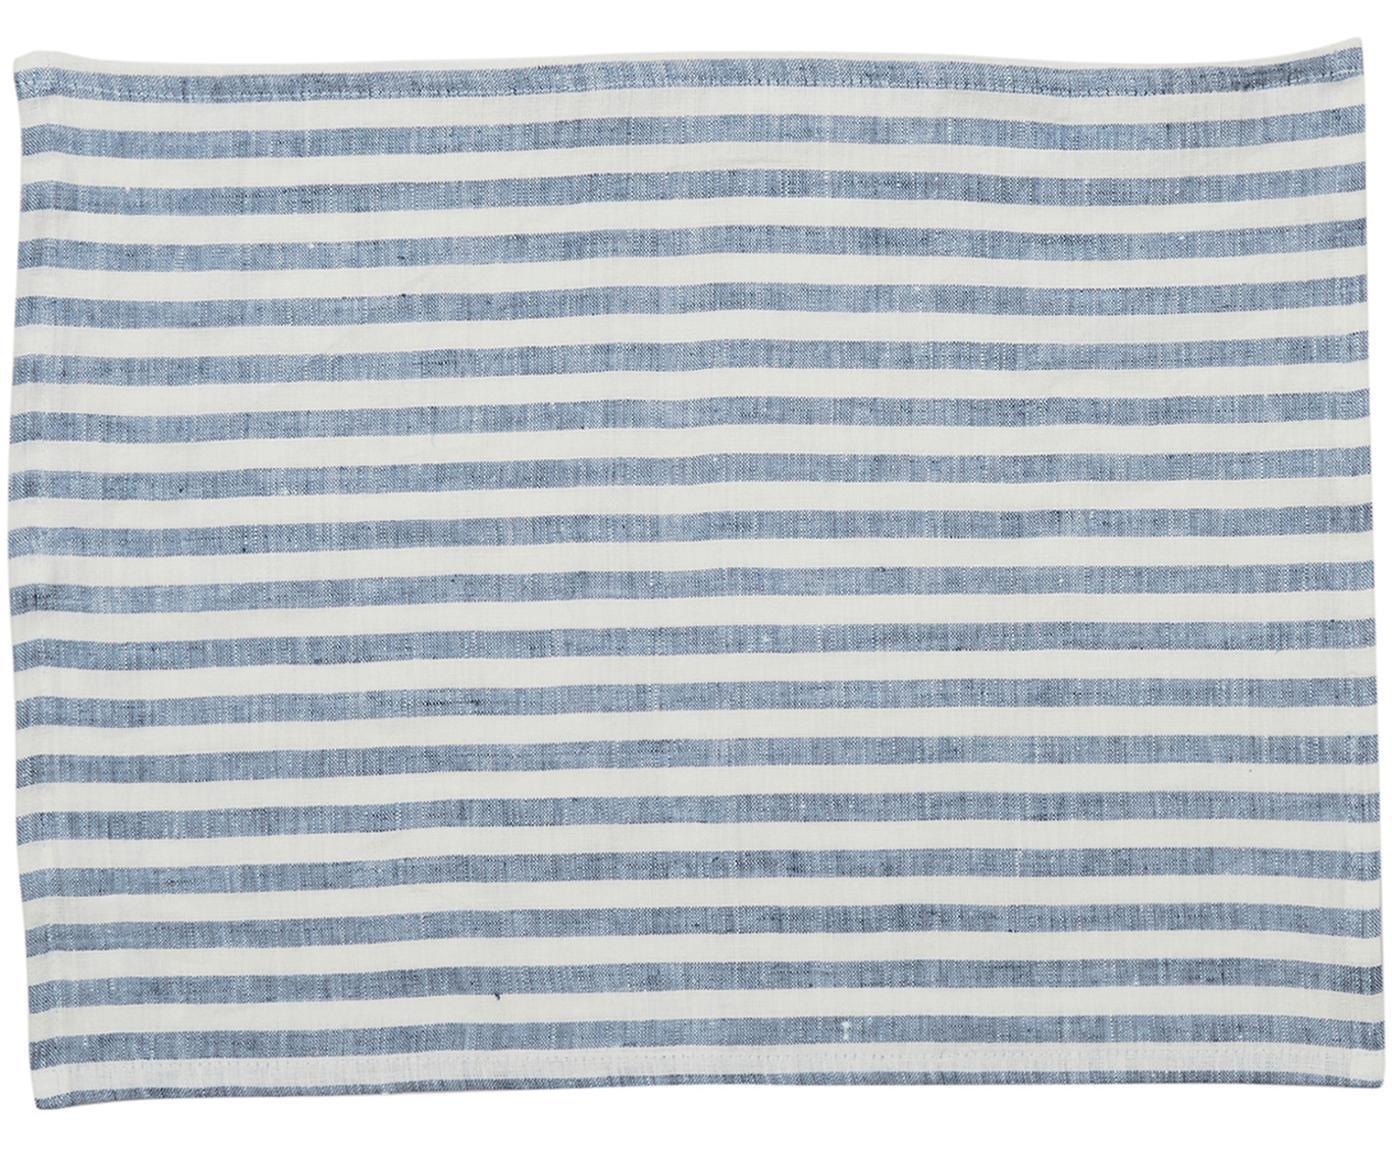 Leinen -Tischsets Solami, 2 Stück, Leinen, Hellblau, Weiss, 35 x 45 cm